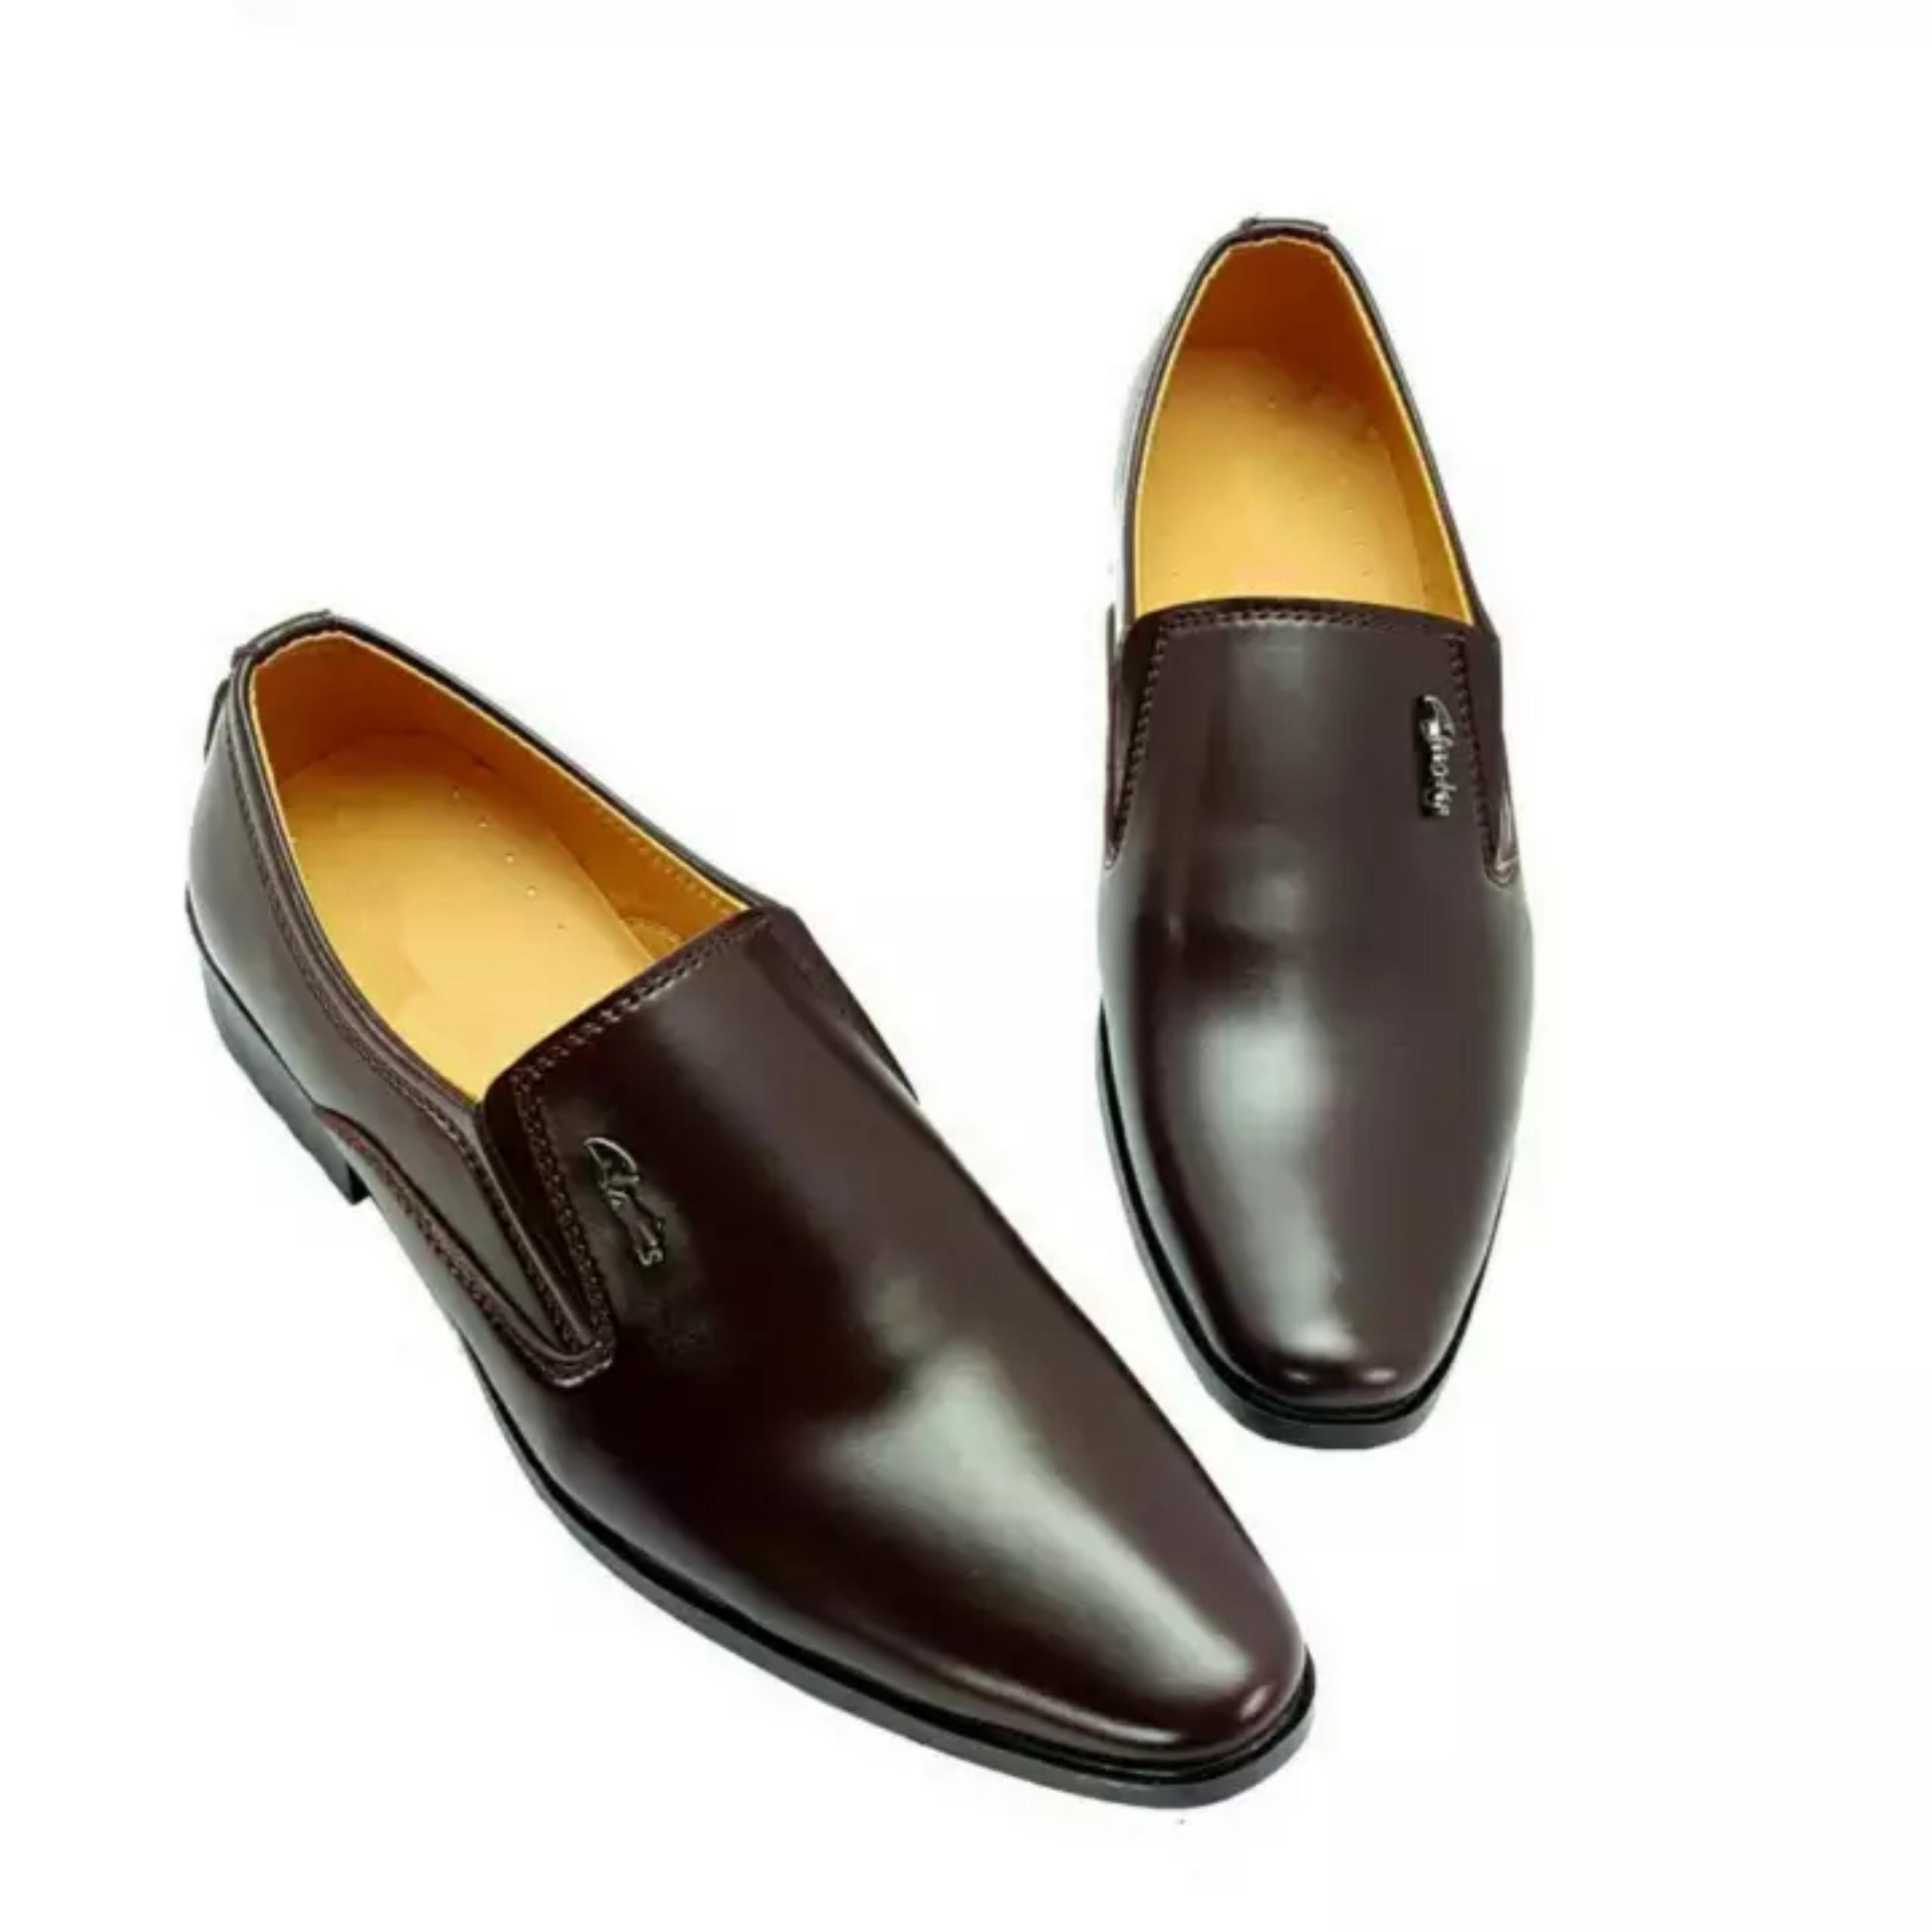 Giày Tây Nam Công Sở Da Mềm, Đế Khâu, Cao 3.5cm Lê Sang - 40 Nâu